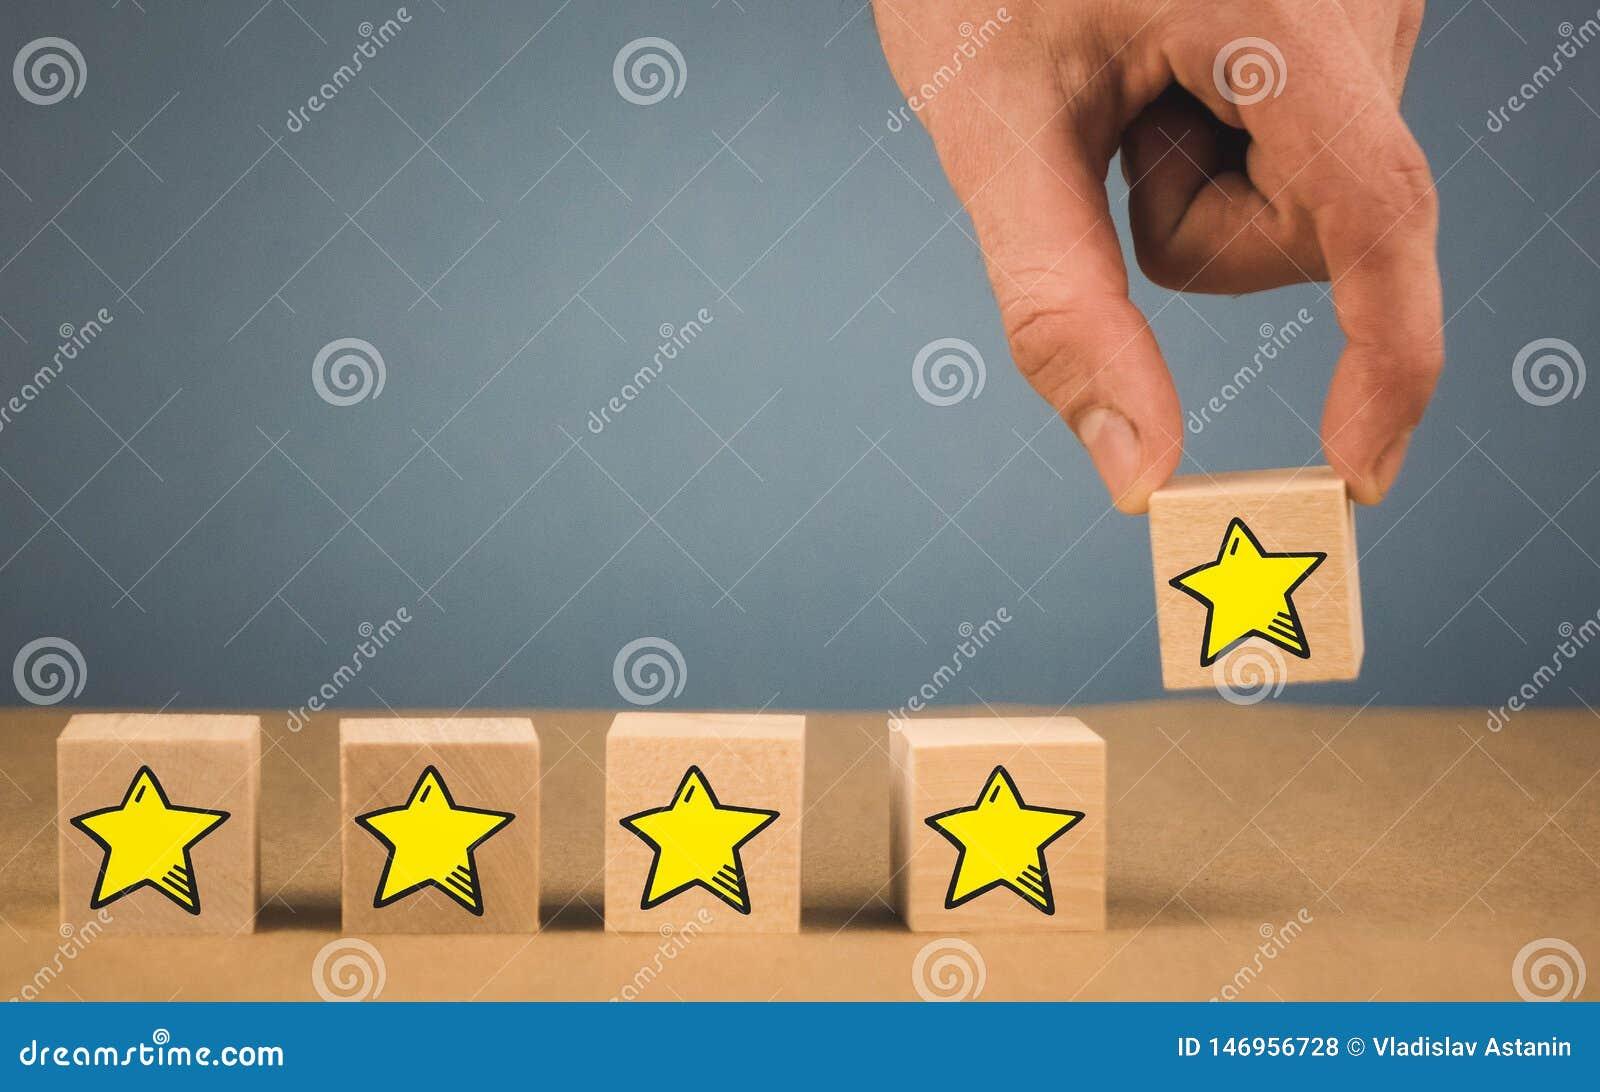 顾客经验、满意调查、对概念估计的评估,增量规定值和最佳的优秀服务 ?treadled